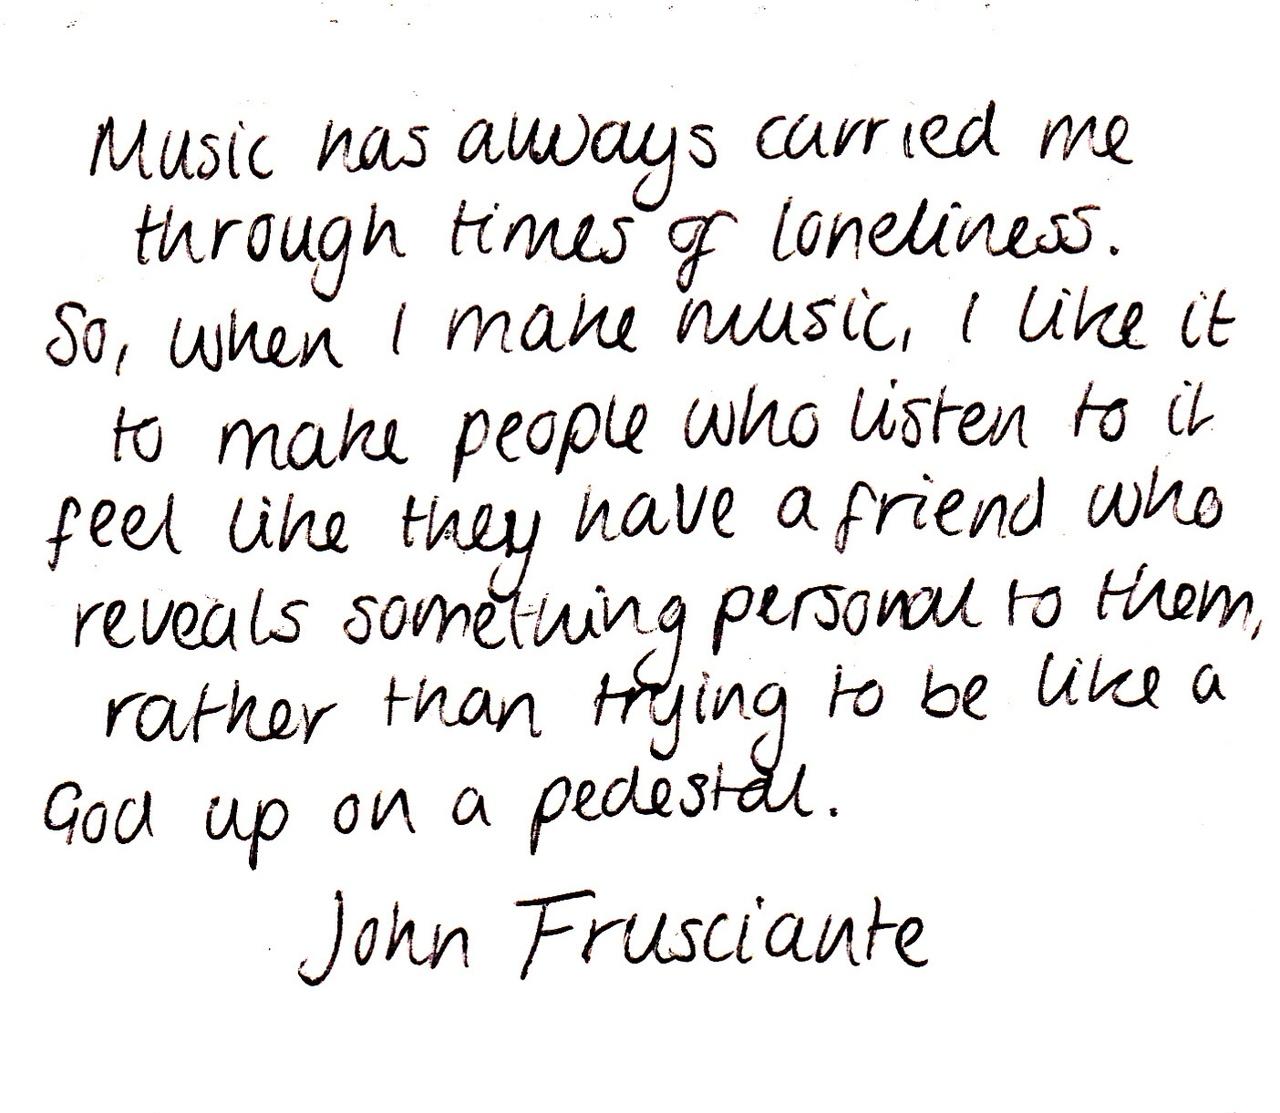 John Frusciante's quote #3